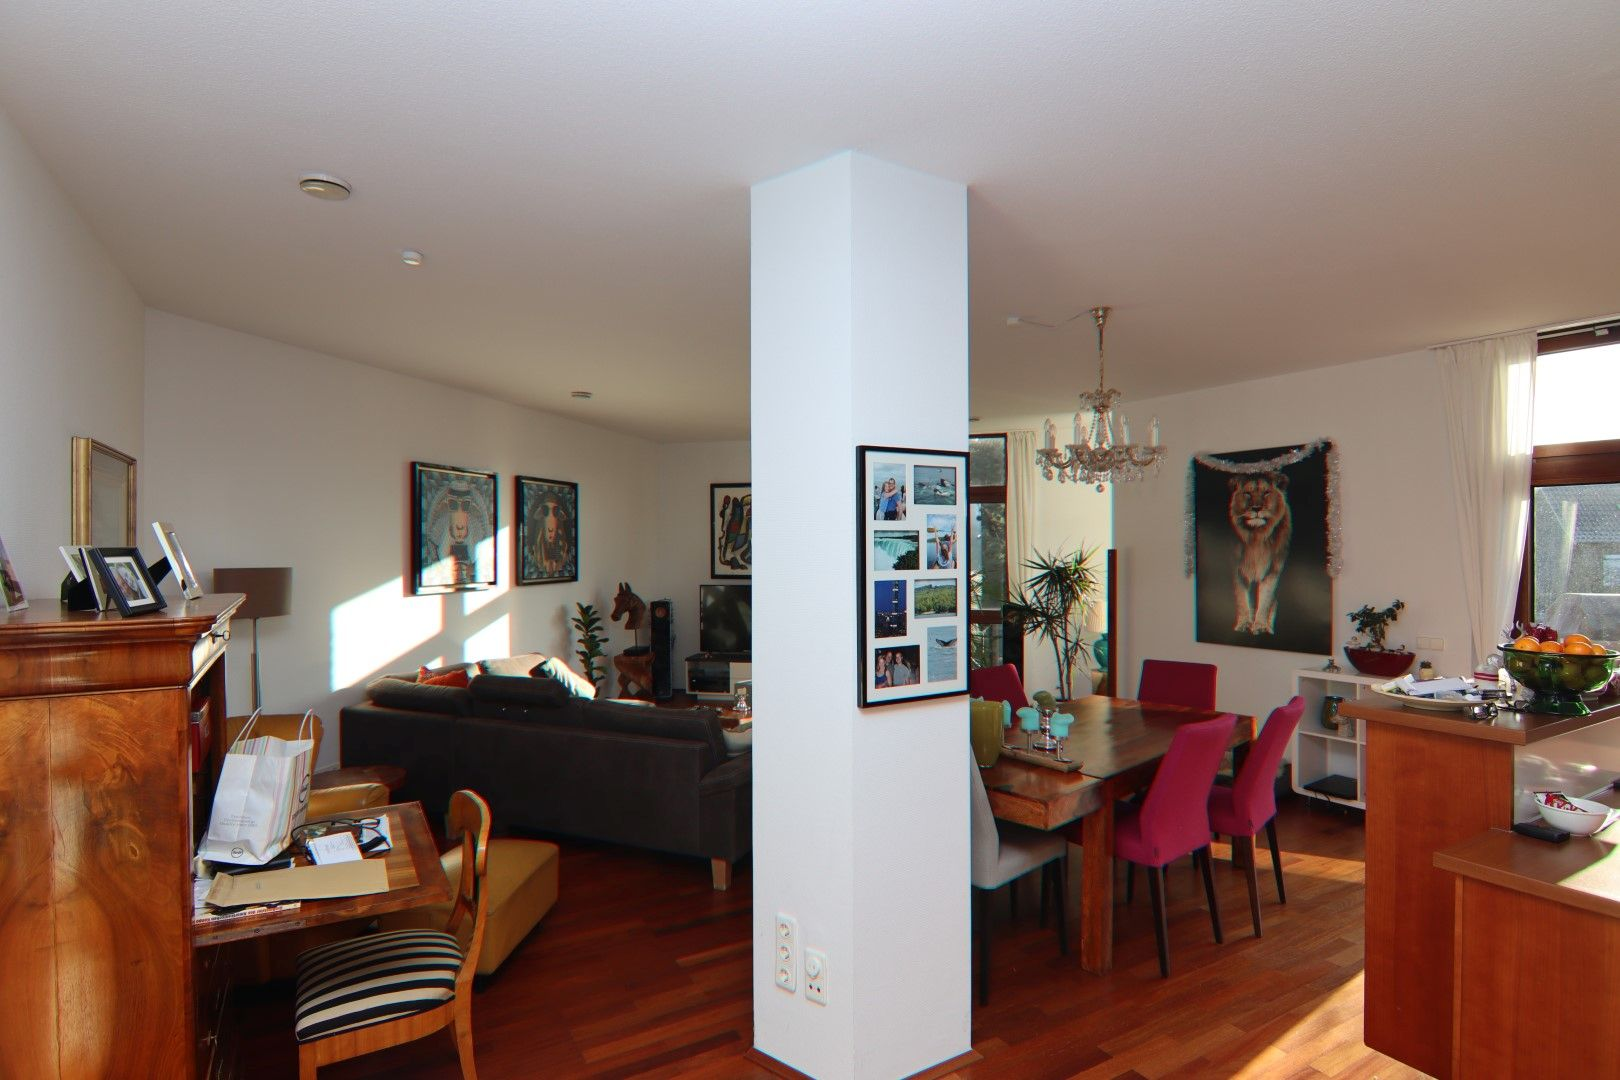 Immobilie Nr.0275 - 4-Raum-Deluxe-Wohnung mit Aufzug, Dachterrasse u. Garage - Bild 3.jpg